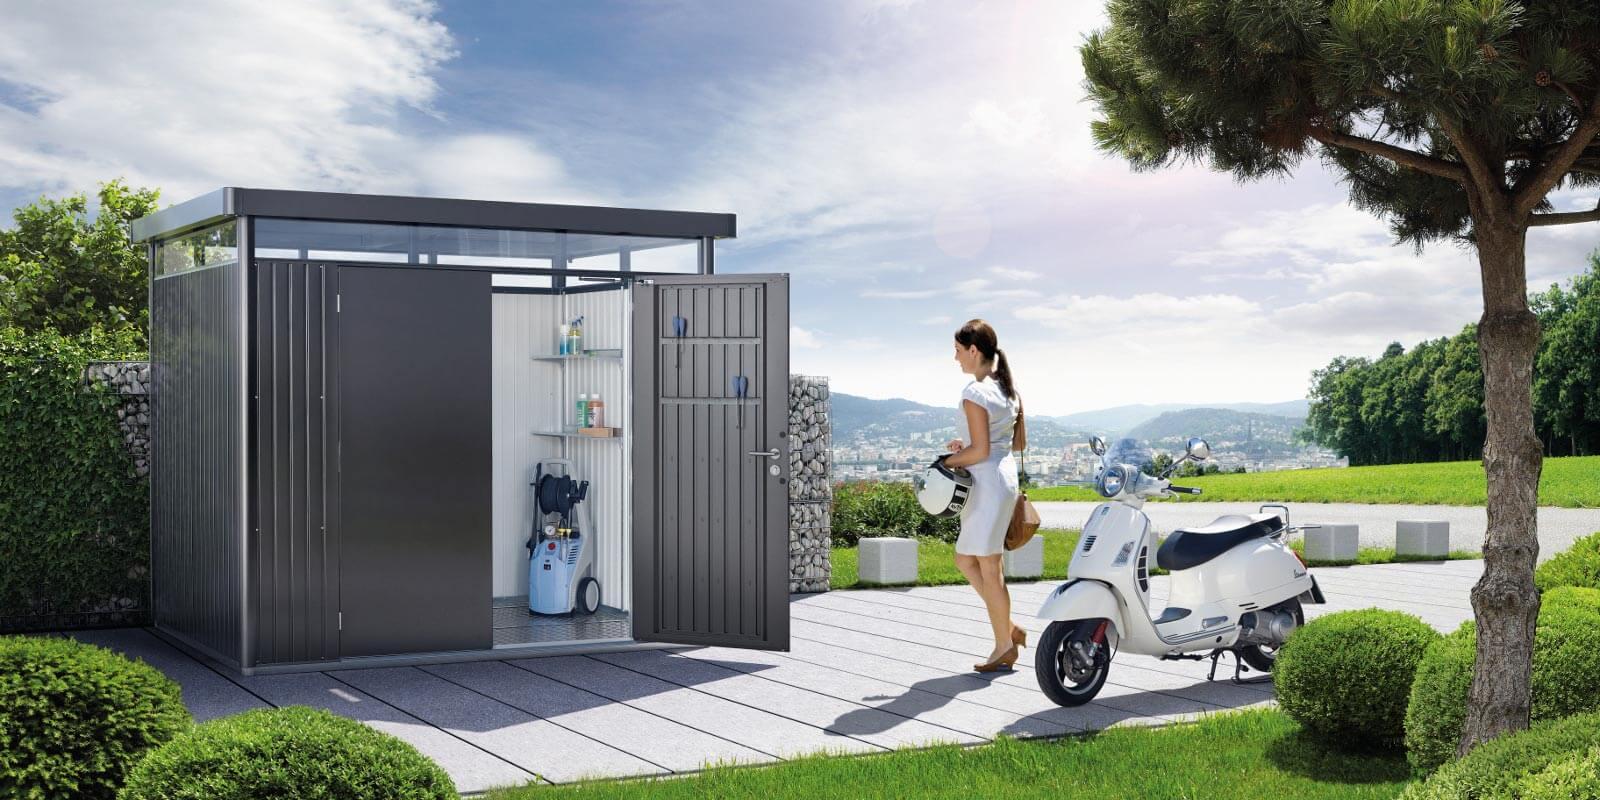 gartenhaus aus blech gl56 hitoiro. Black Bedroom Furniture Sets. Home Design Ideas